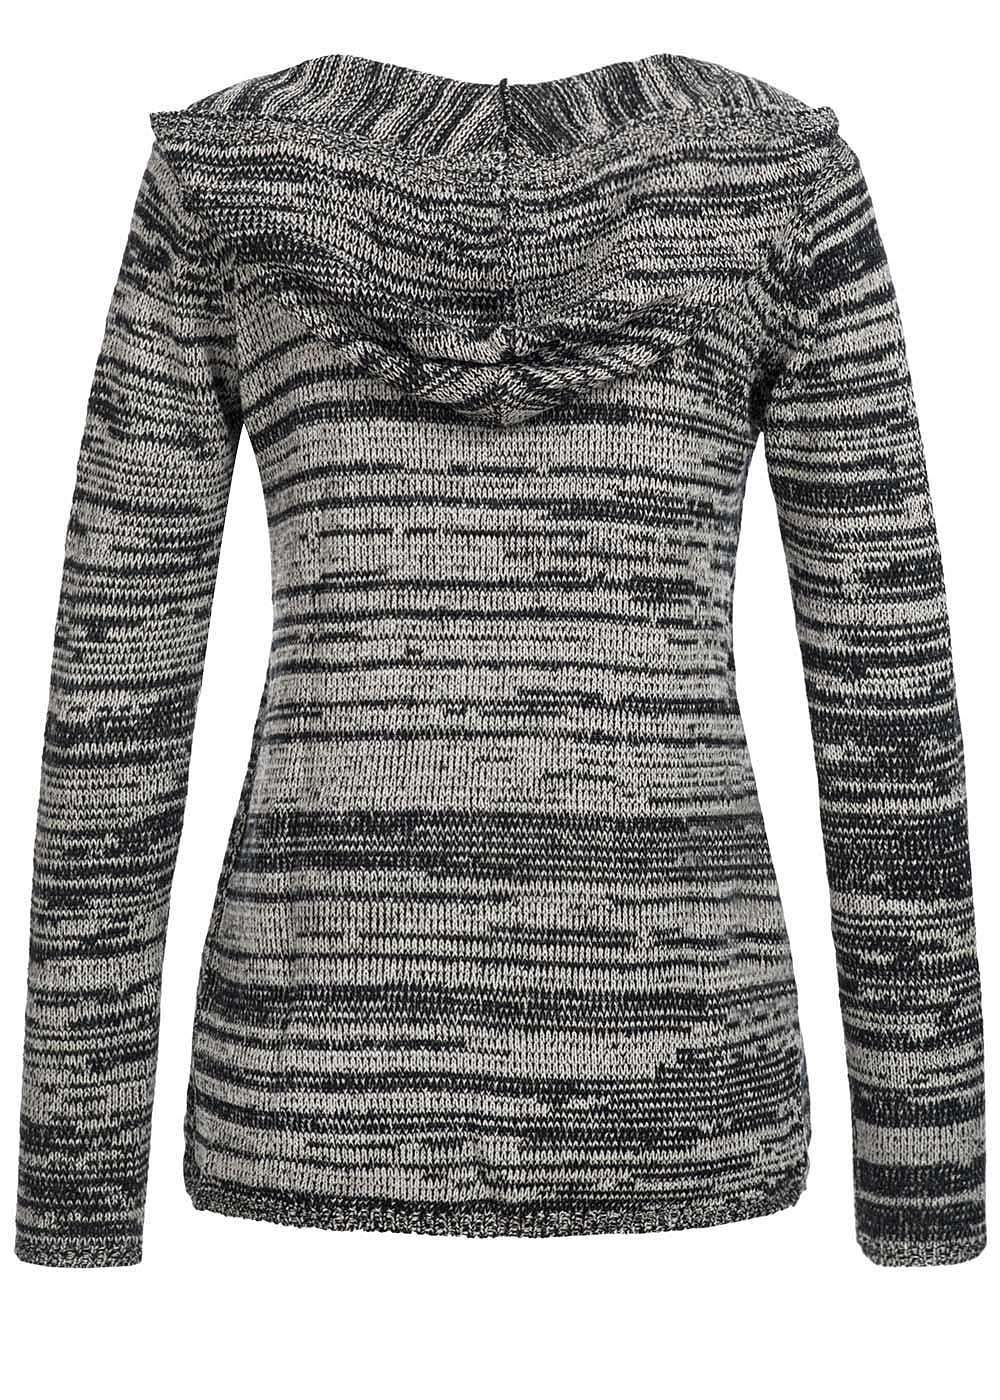 tally weijl damen strick cardigan mit kapuze offener schnitt schwarz. Black Bedroom Furniture Sets. Home Design Ideas